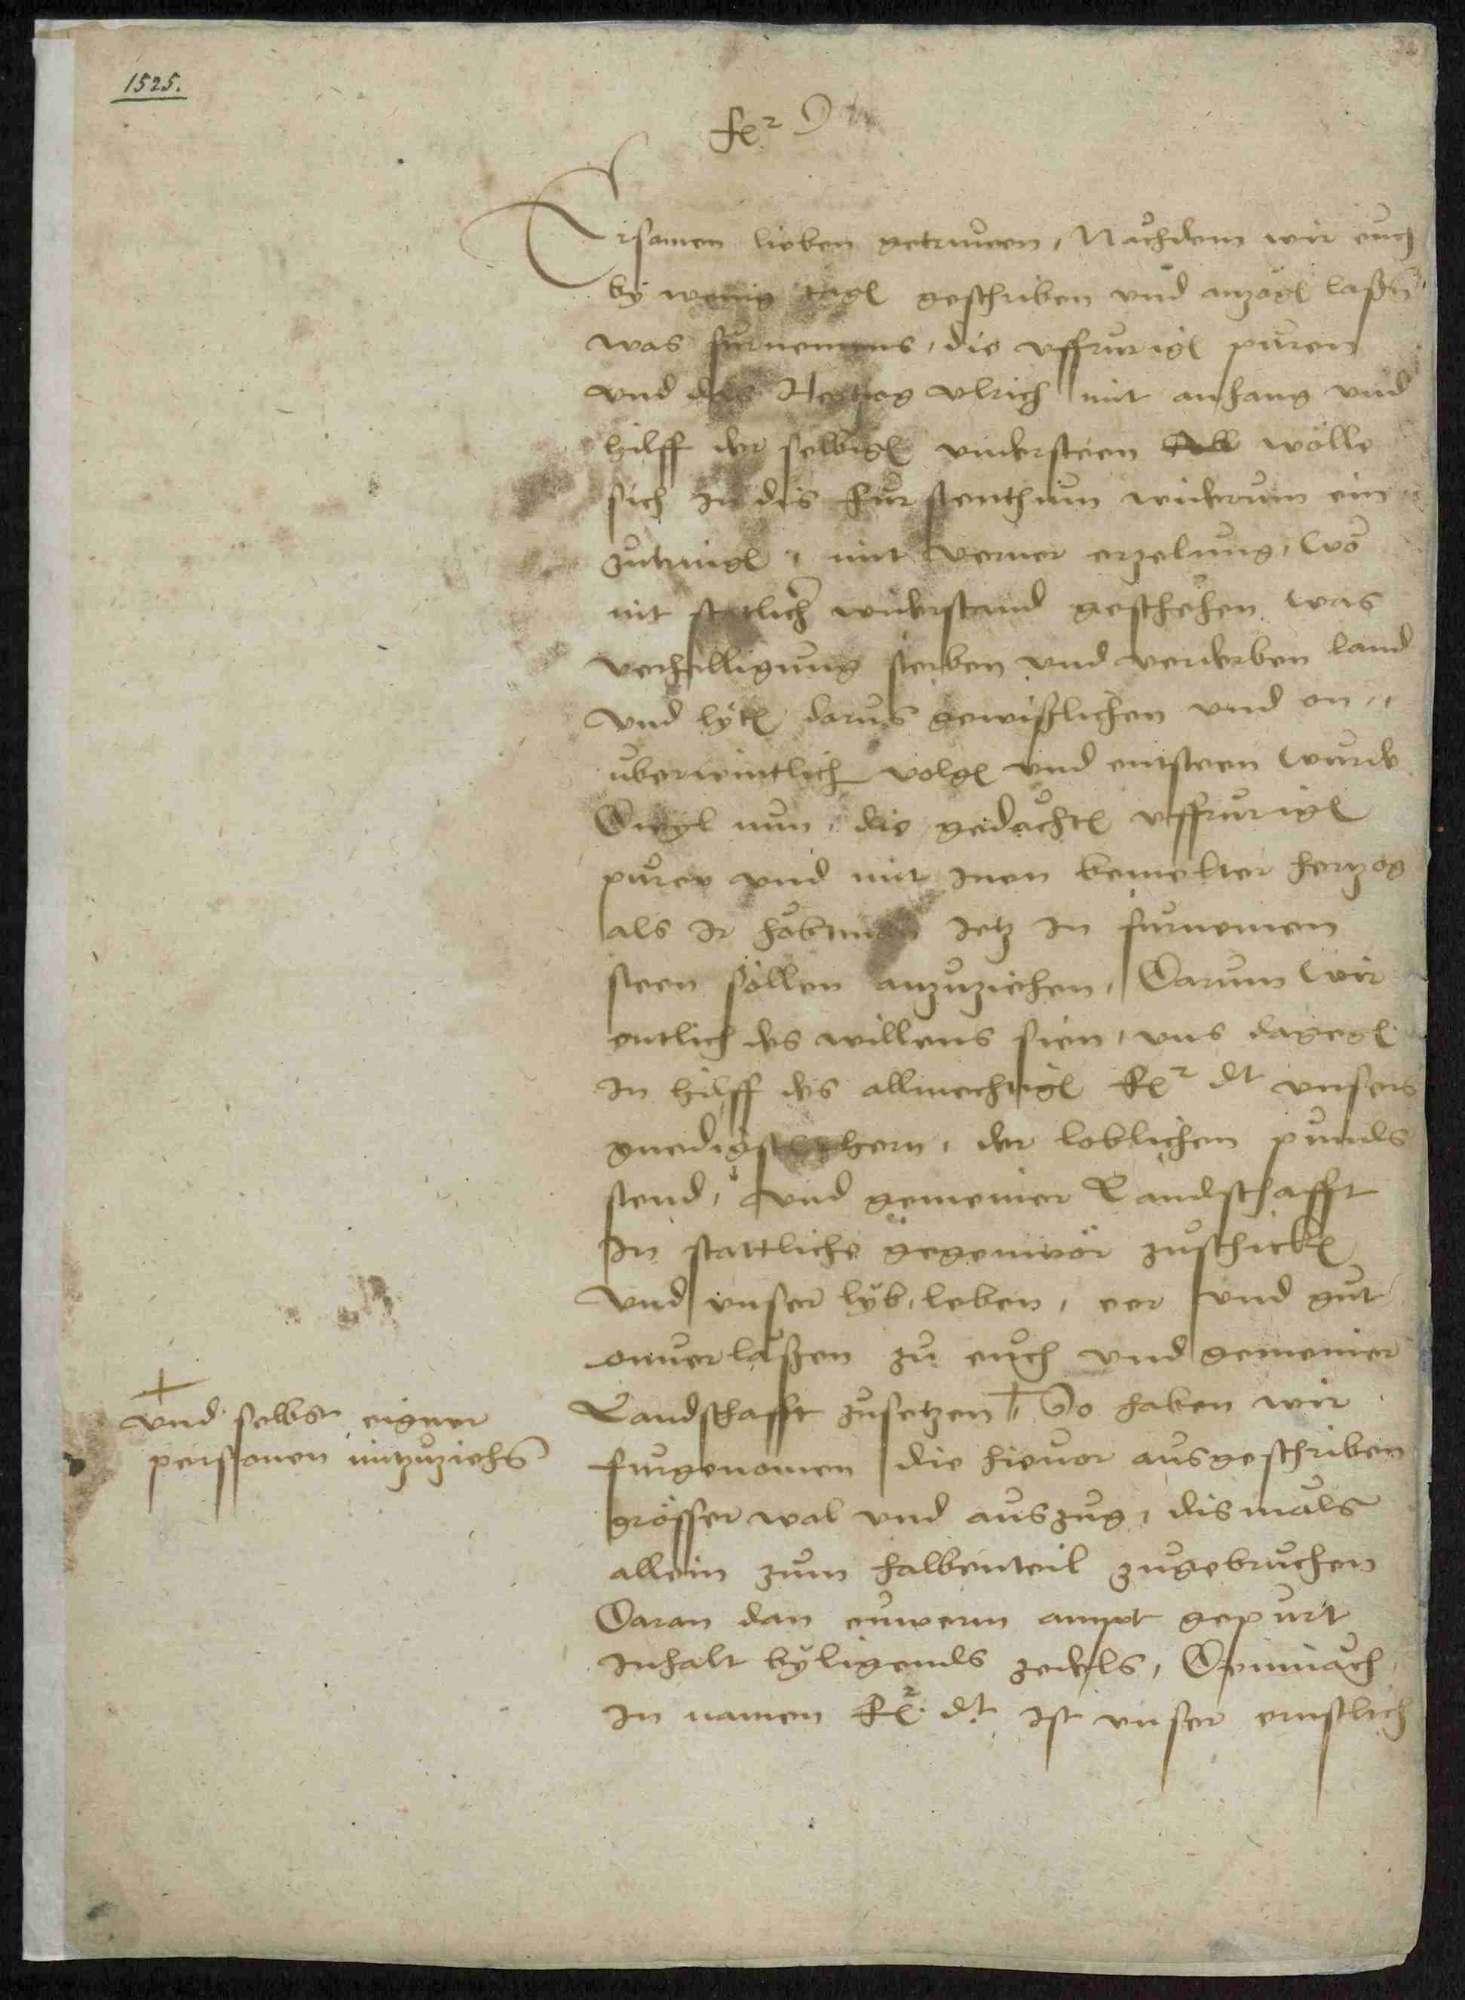 Schriften zu Vorgängen während des Bauernkrieges, u.a. Bauernkorrespondenz, Bild 2